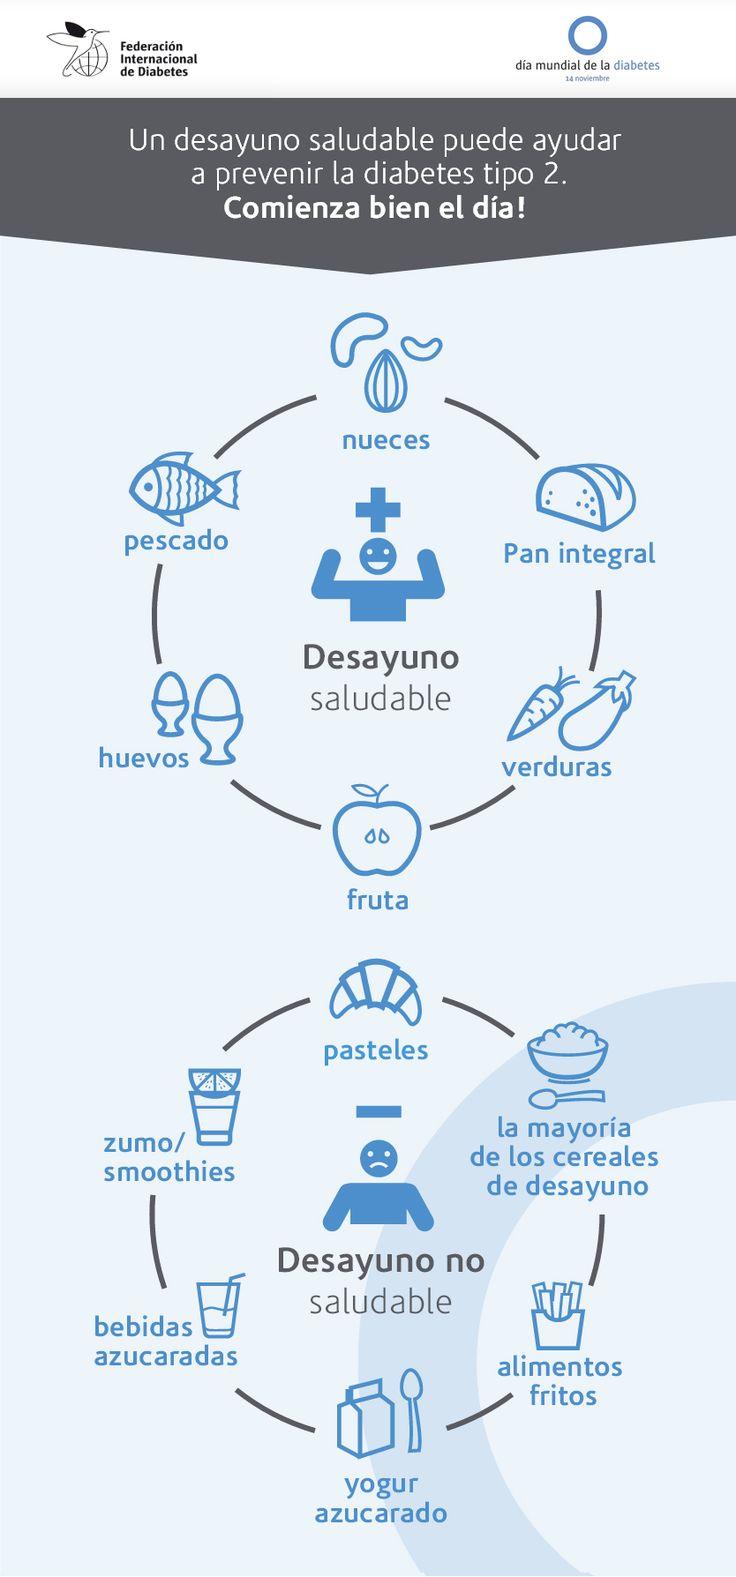 """""""Un desayuno saludable puede ayudar a prevenir al diabetes tipo 2. ¡Comienza bien el día!"""". Infografía de la Federación Internacional de Diabetes para el Día Mundial de la Diabetes 2014."""